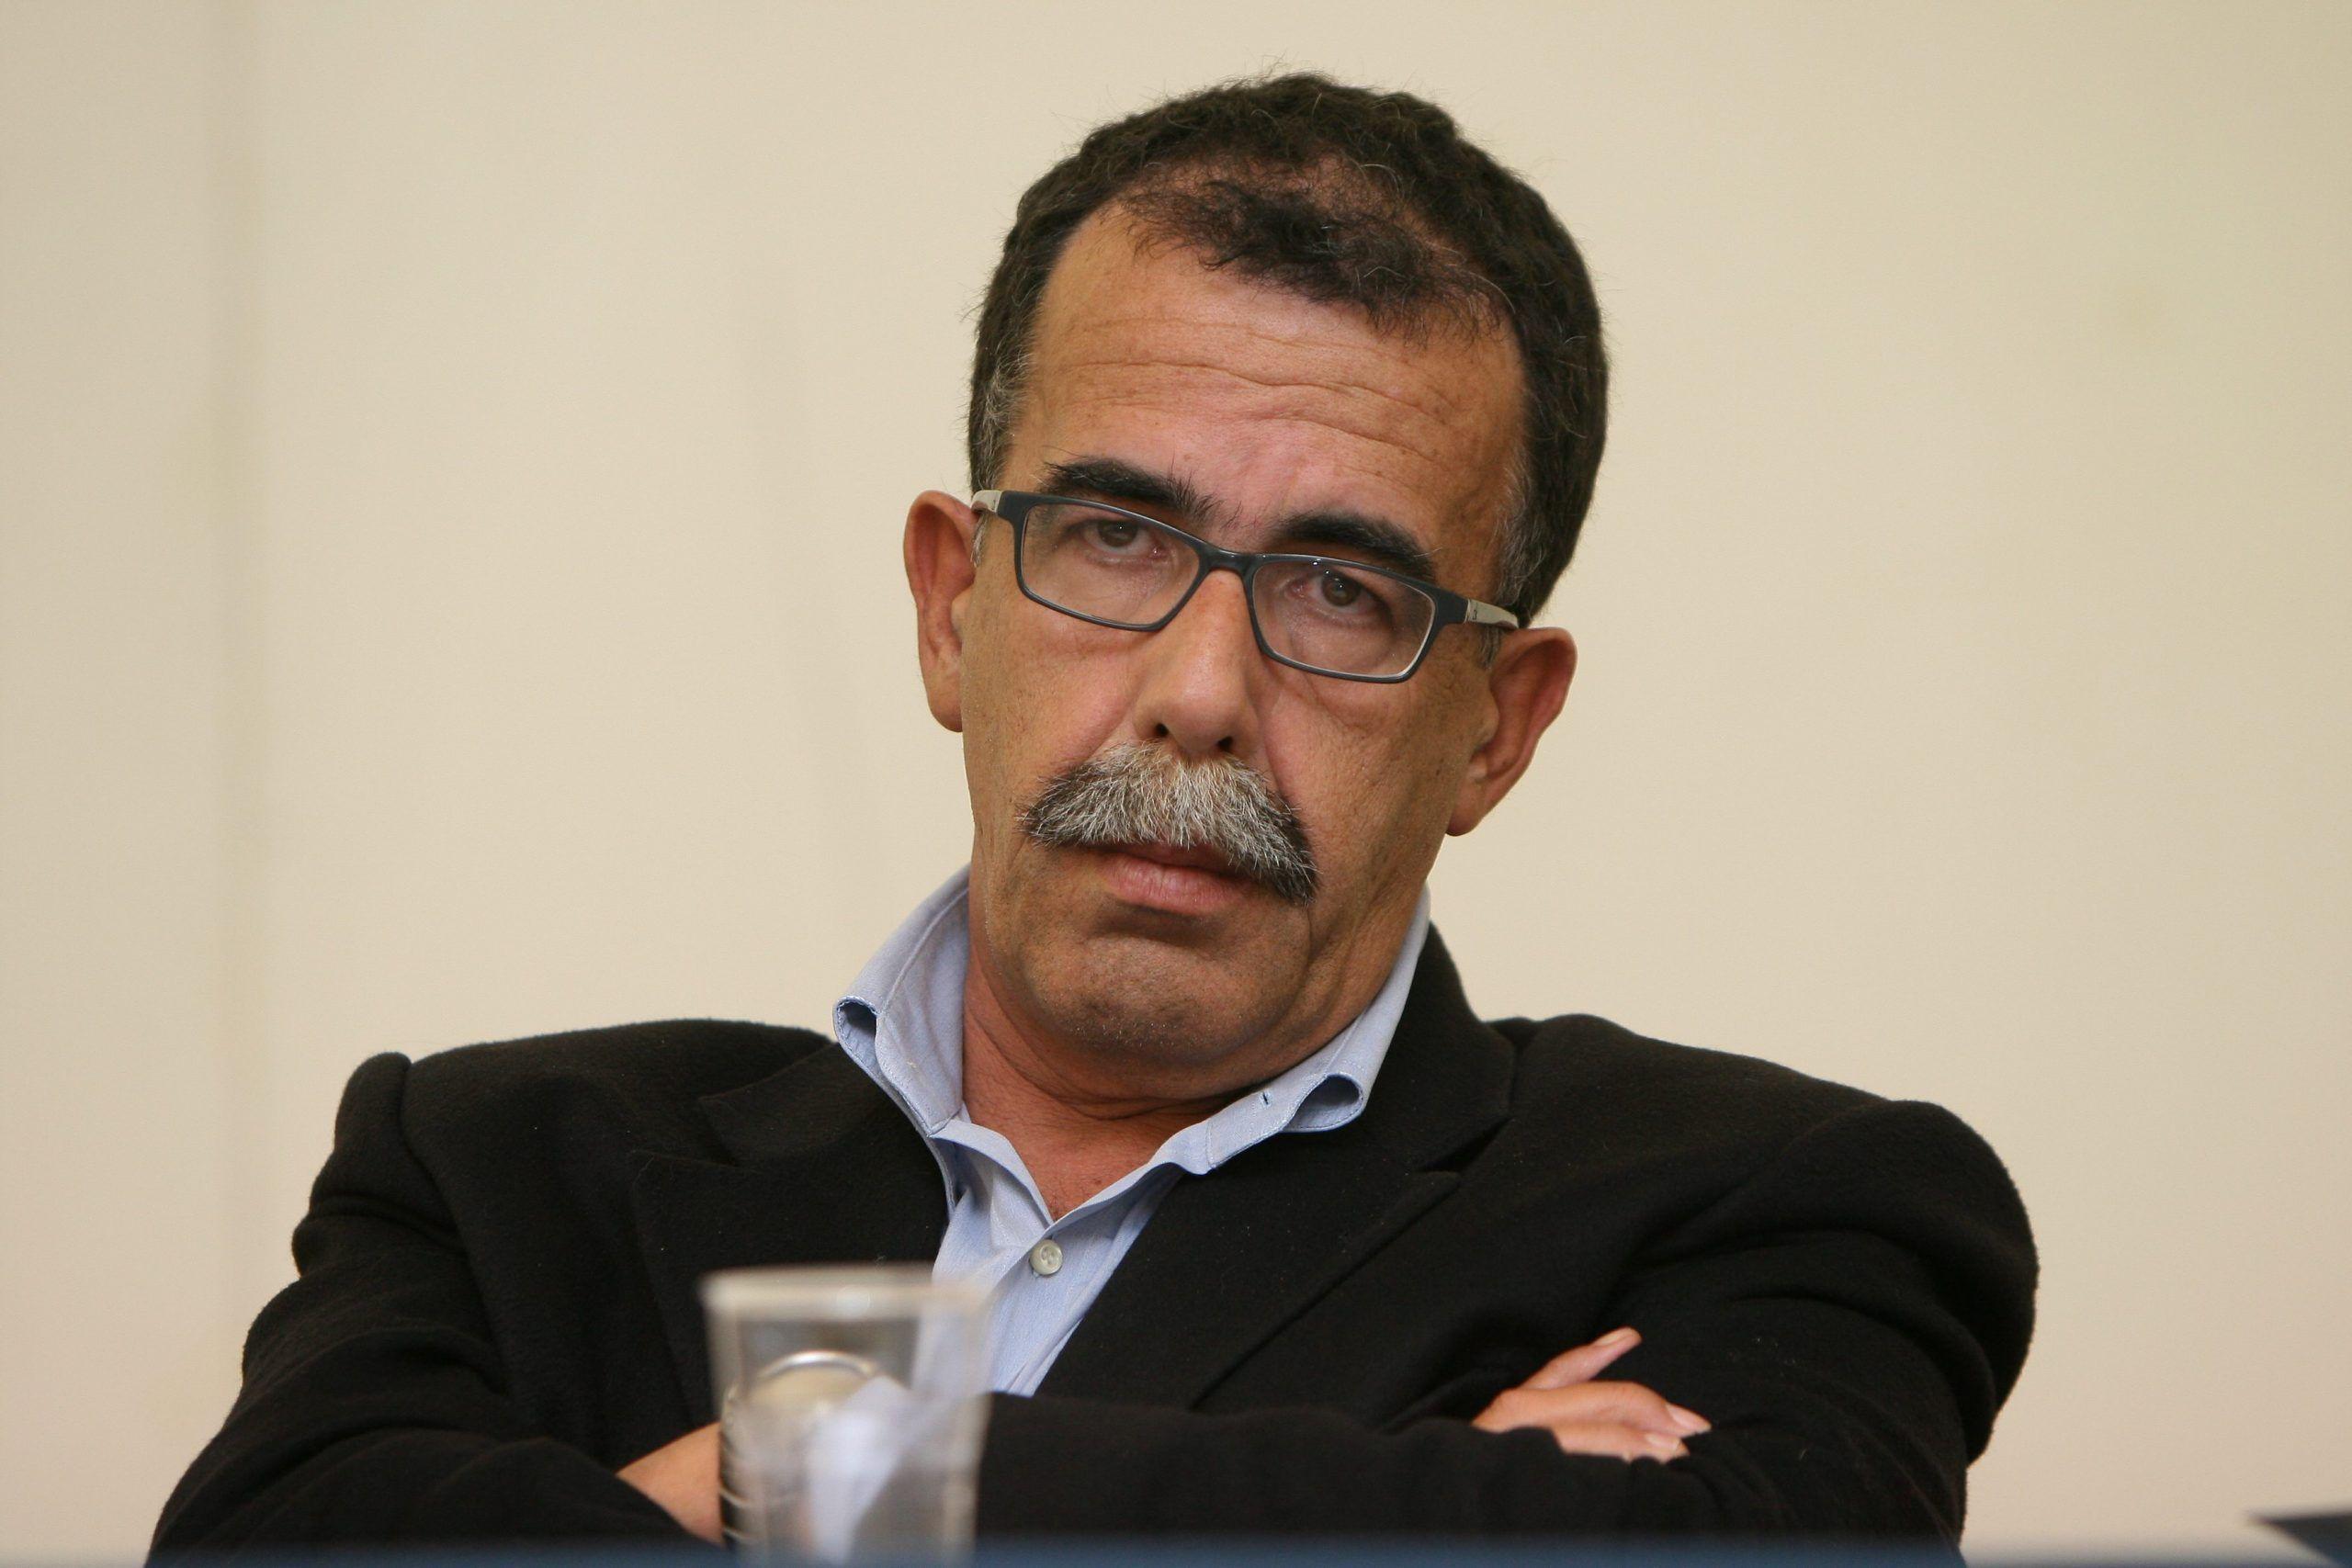 Sandro Ruotolo sotto scorta: il giornalista minacciato dal boss Michele Zagaria